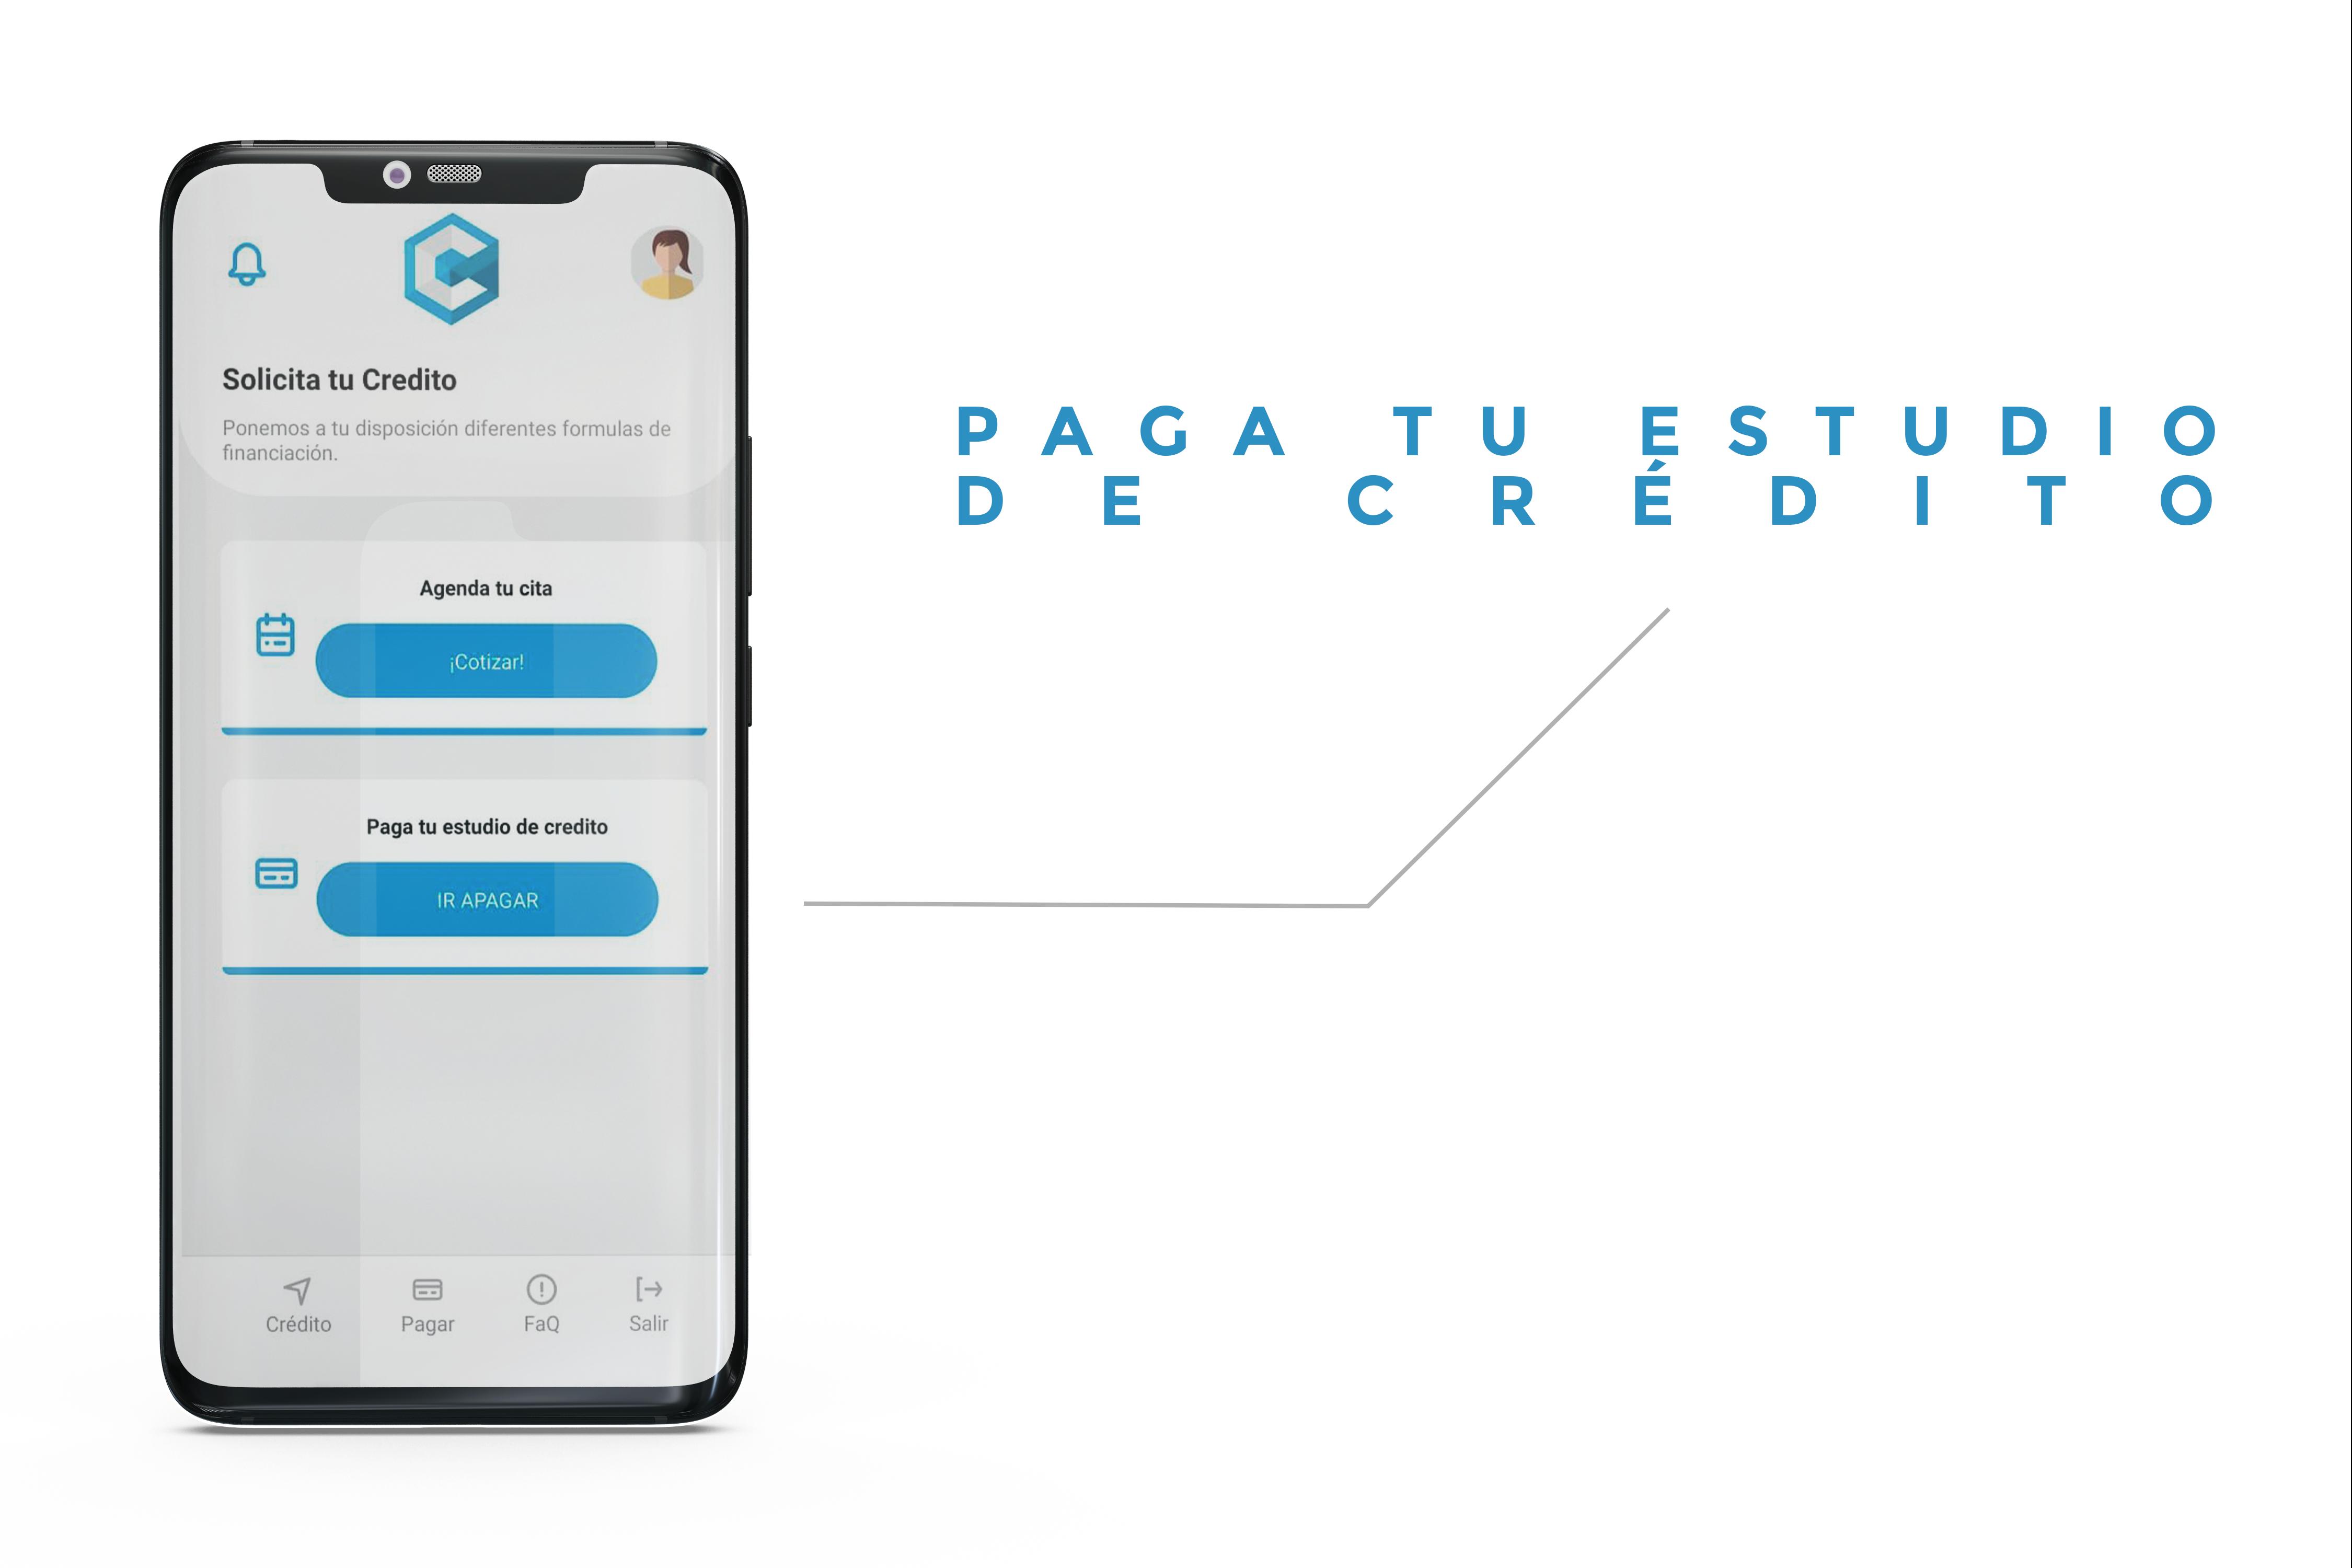 https://cirufacil.com/wp-content/uploads/2020/12/Paga-tu-estudio-de-credito.png